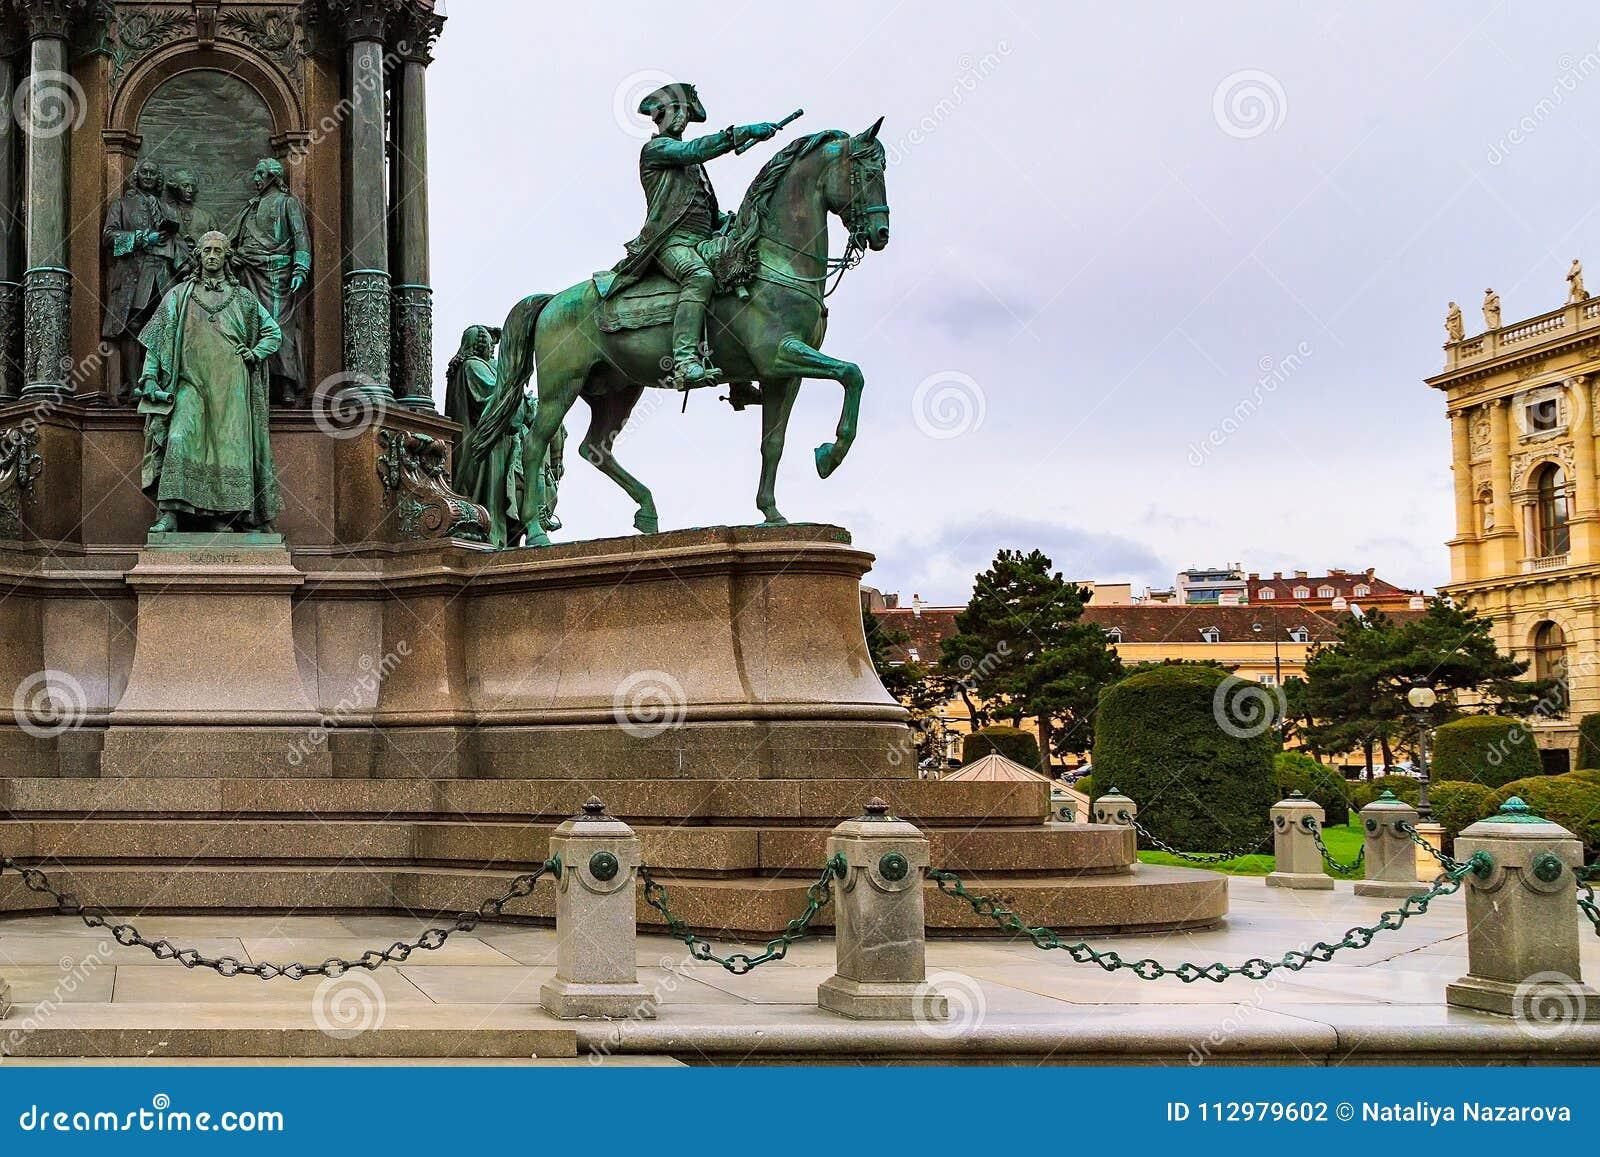 Detail of Maria Theresa monument, Vienna, Austria